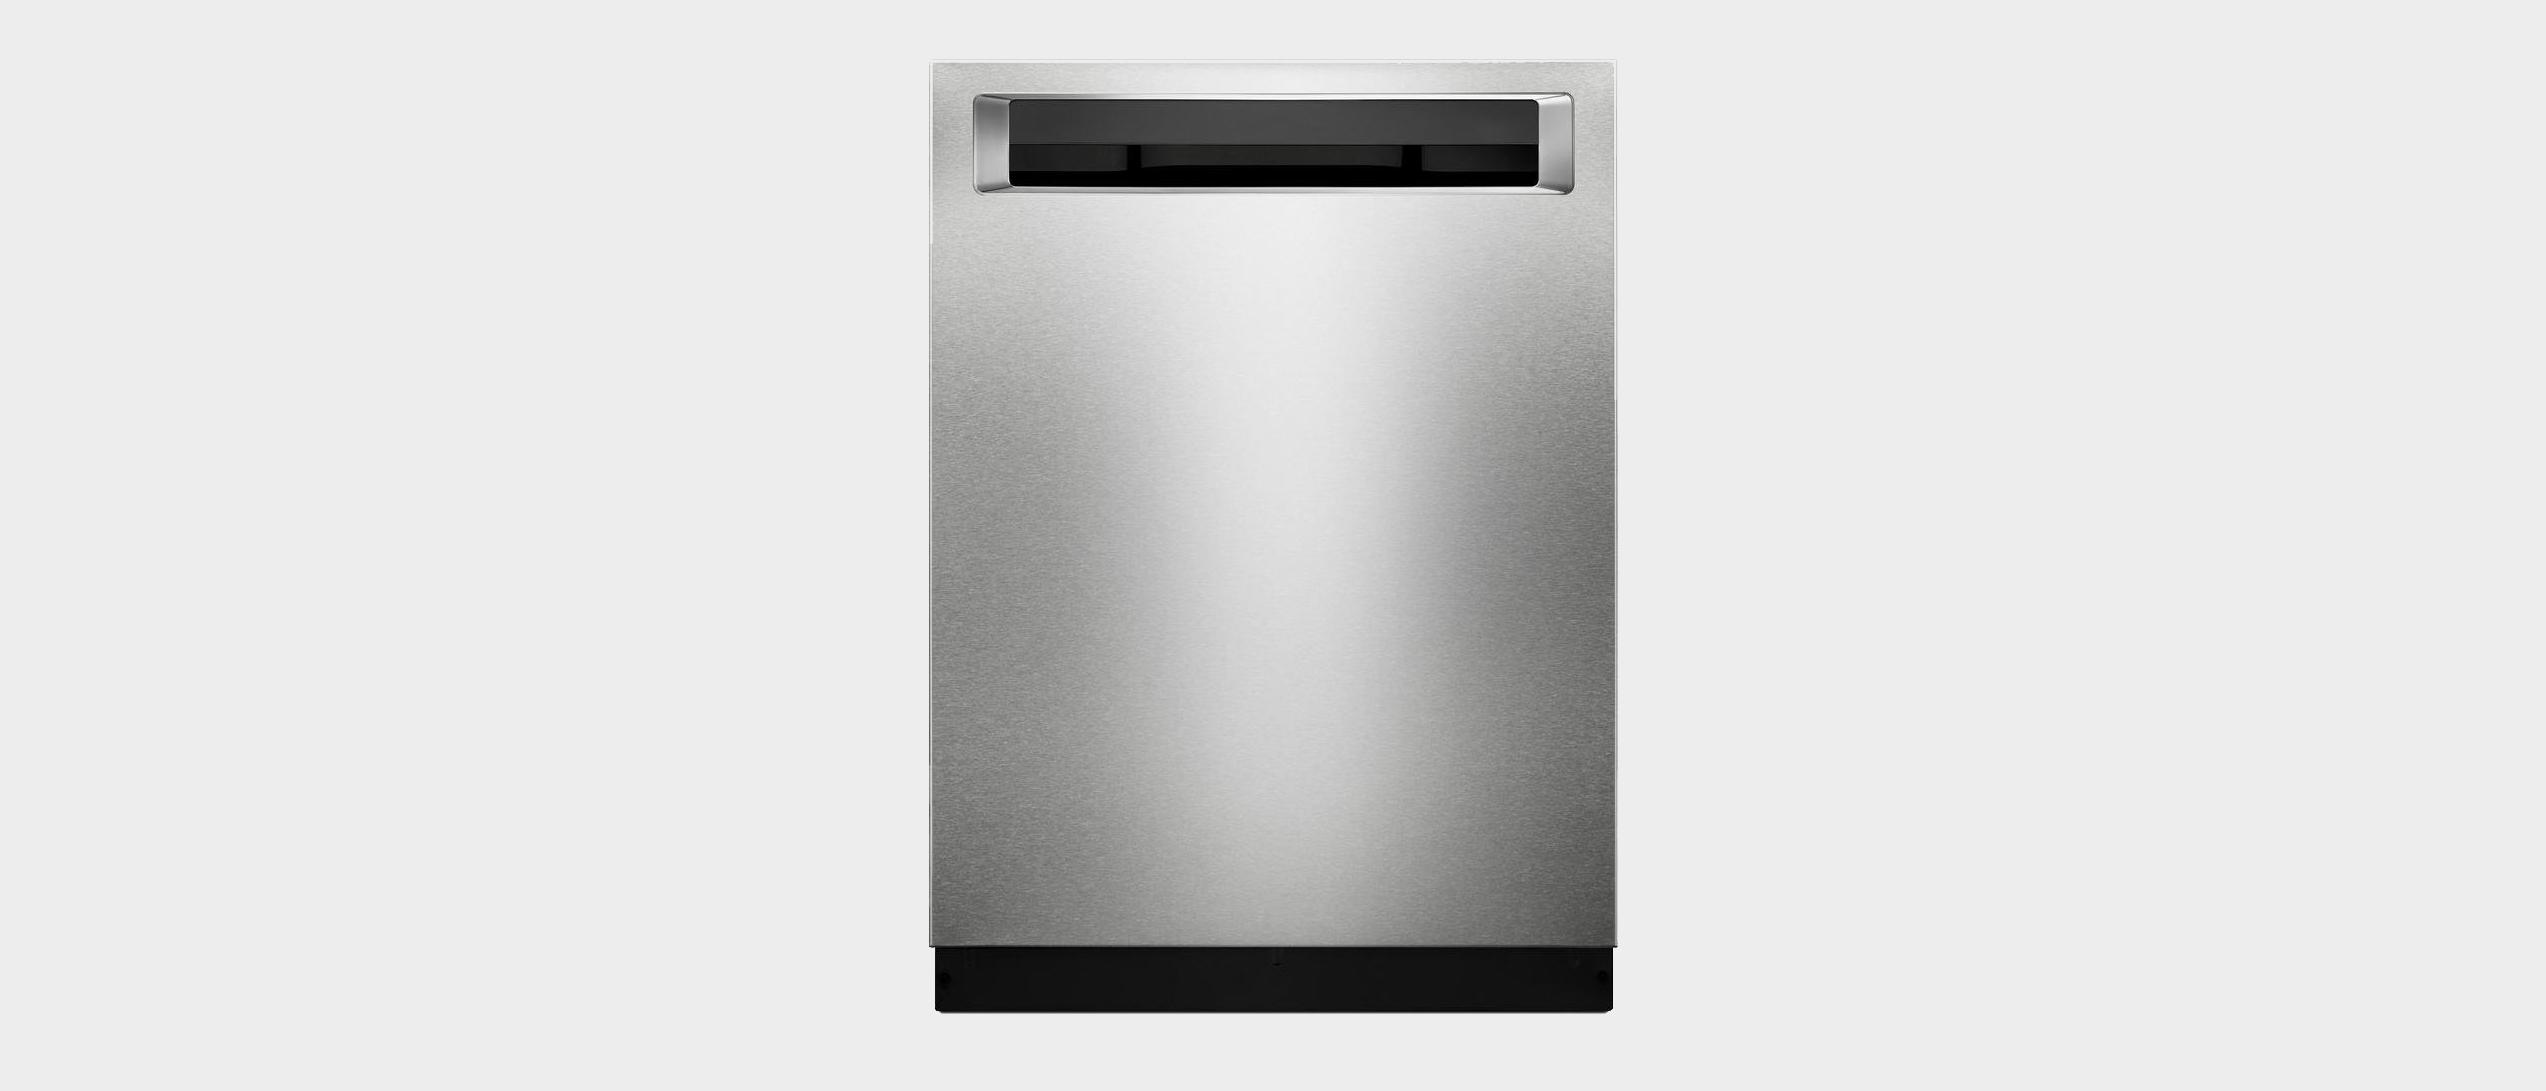 Kitchenaid Kdpe234gps Dishwasher Review Top Ten Reviews